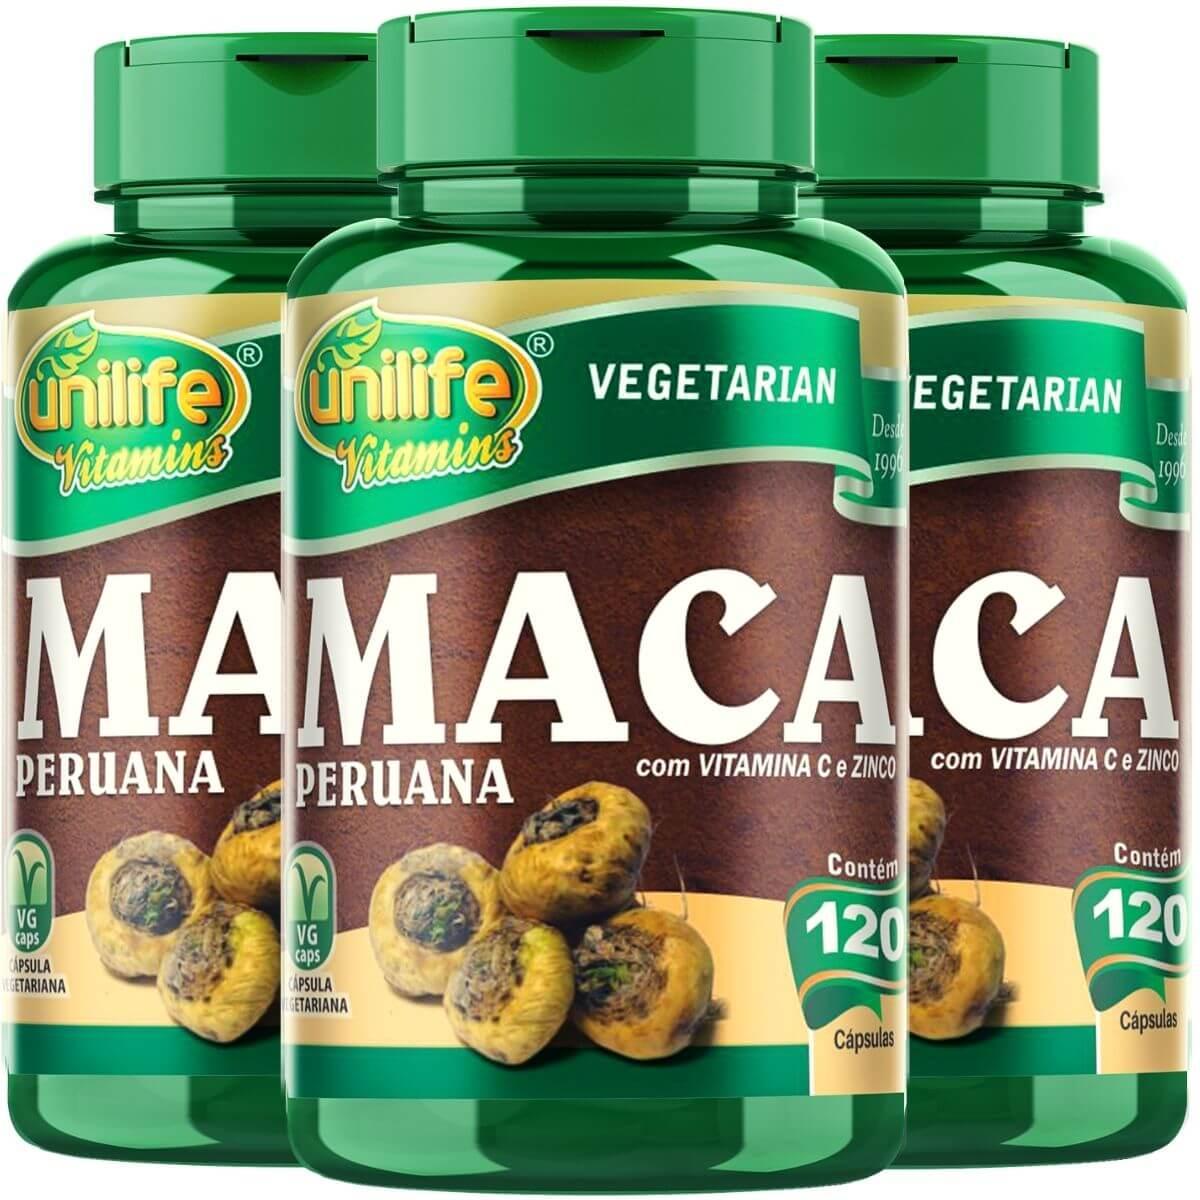 Kit 3 Maca Peruana C/ Vitaminas - Unilife 500mg 120 Cápsulas